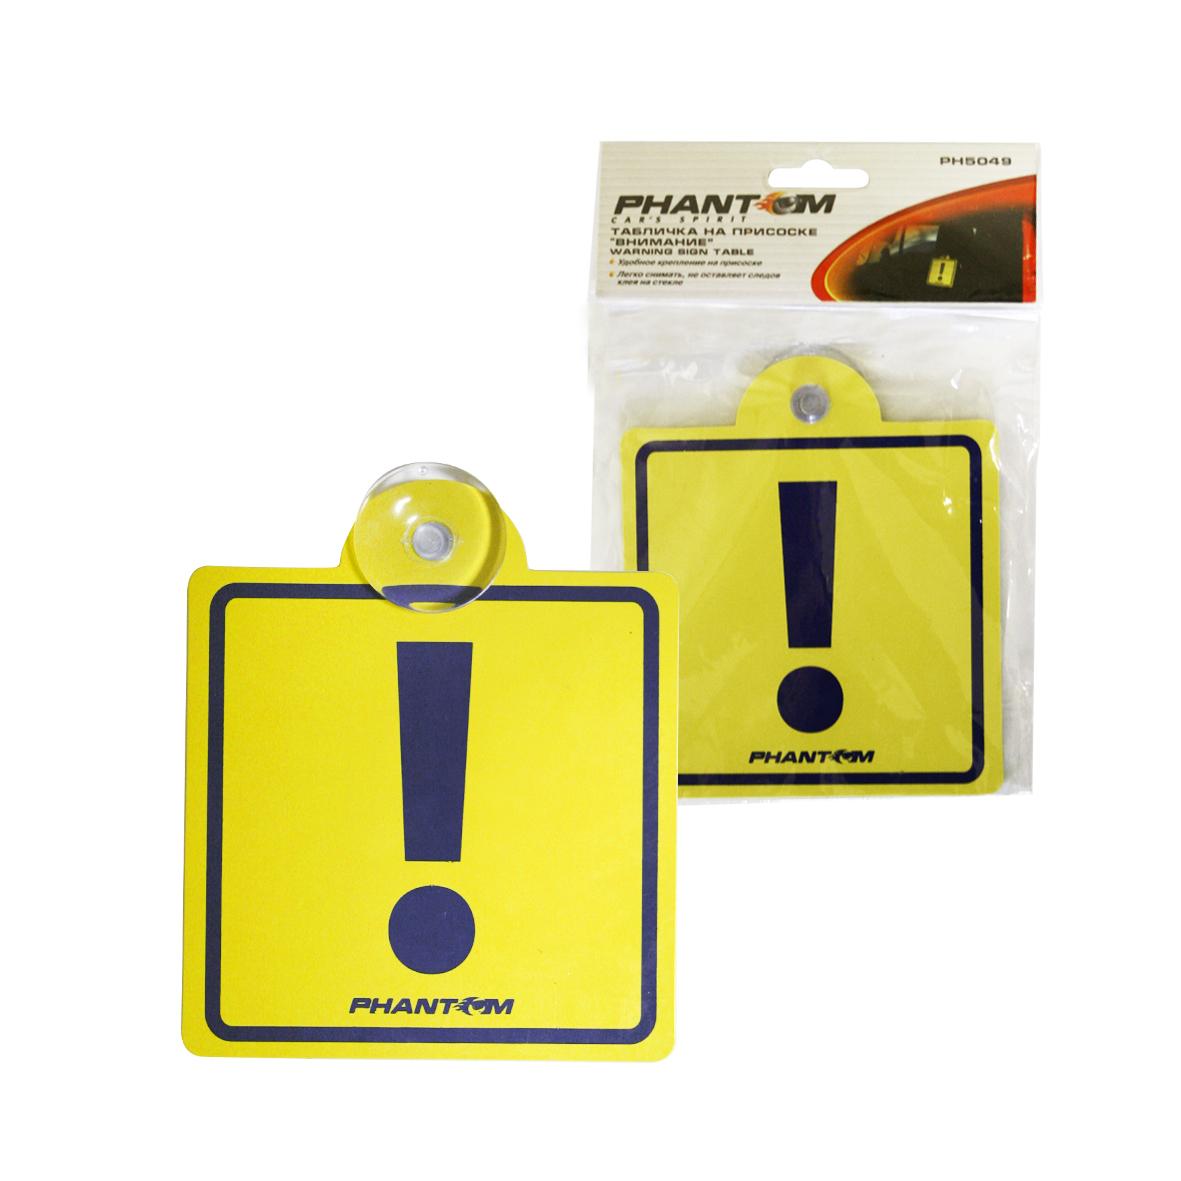 Табличка на присоске Phantom Внимание5049Табличка на присоске Phantom Внимание предназначена для предупреждения участников дорожного движения о неопытности водителя автотранспортного средства. Легкая переустановка, присоски не оставляют следов клея на стекле.